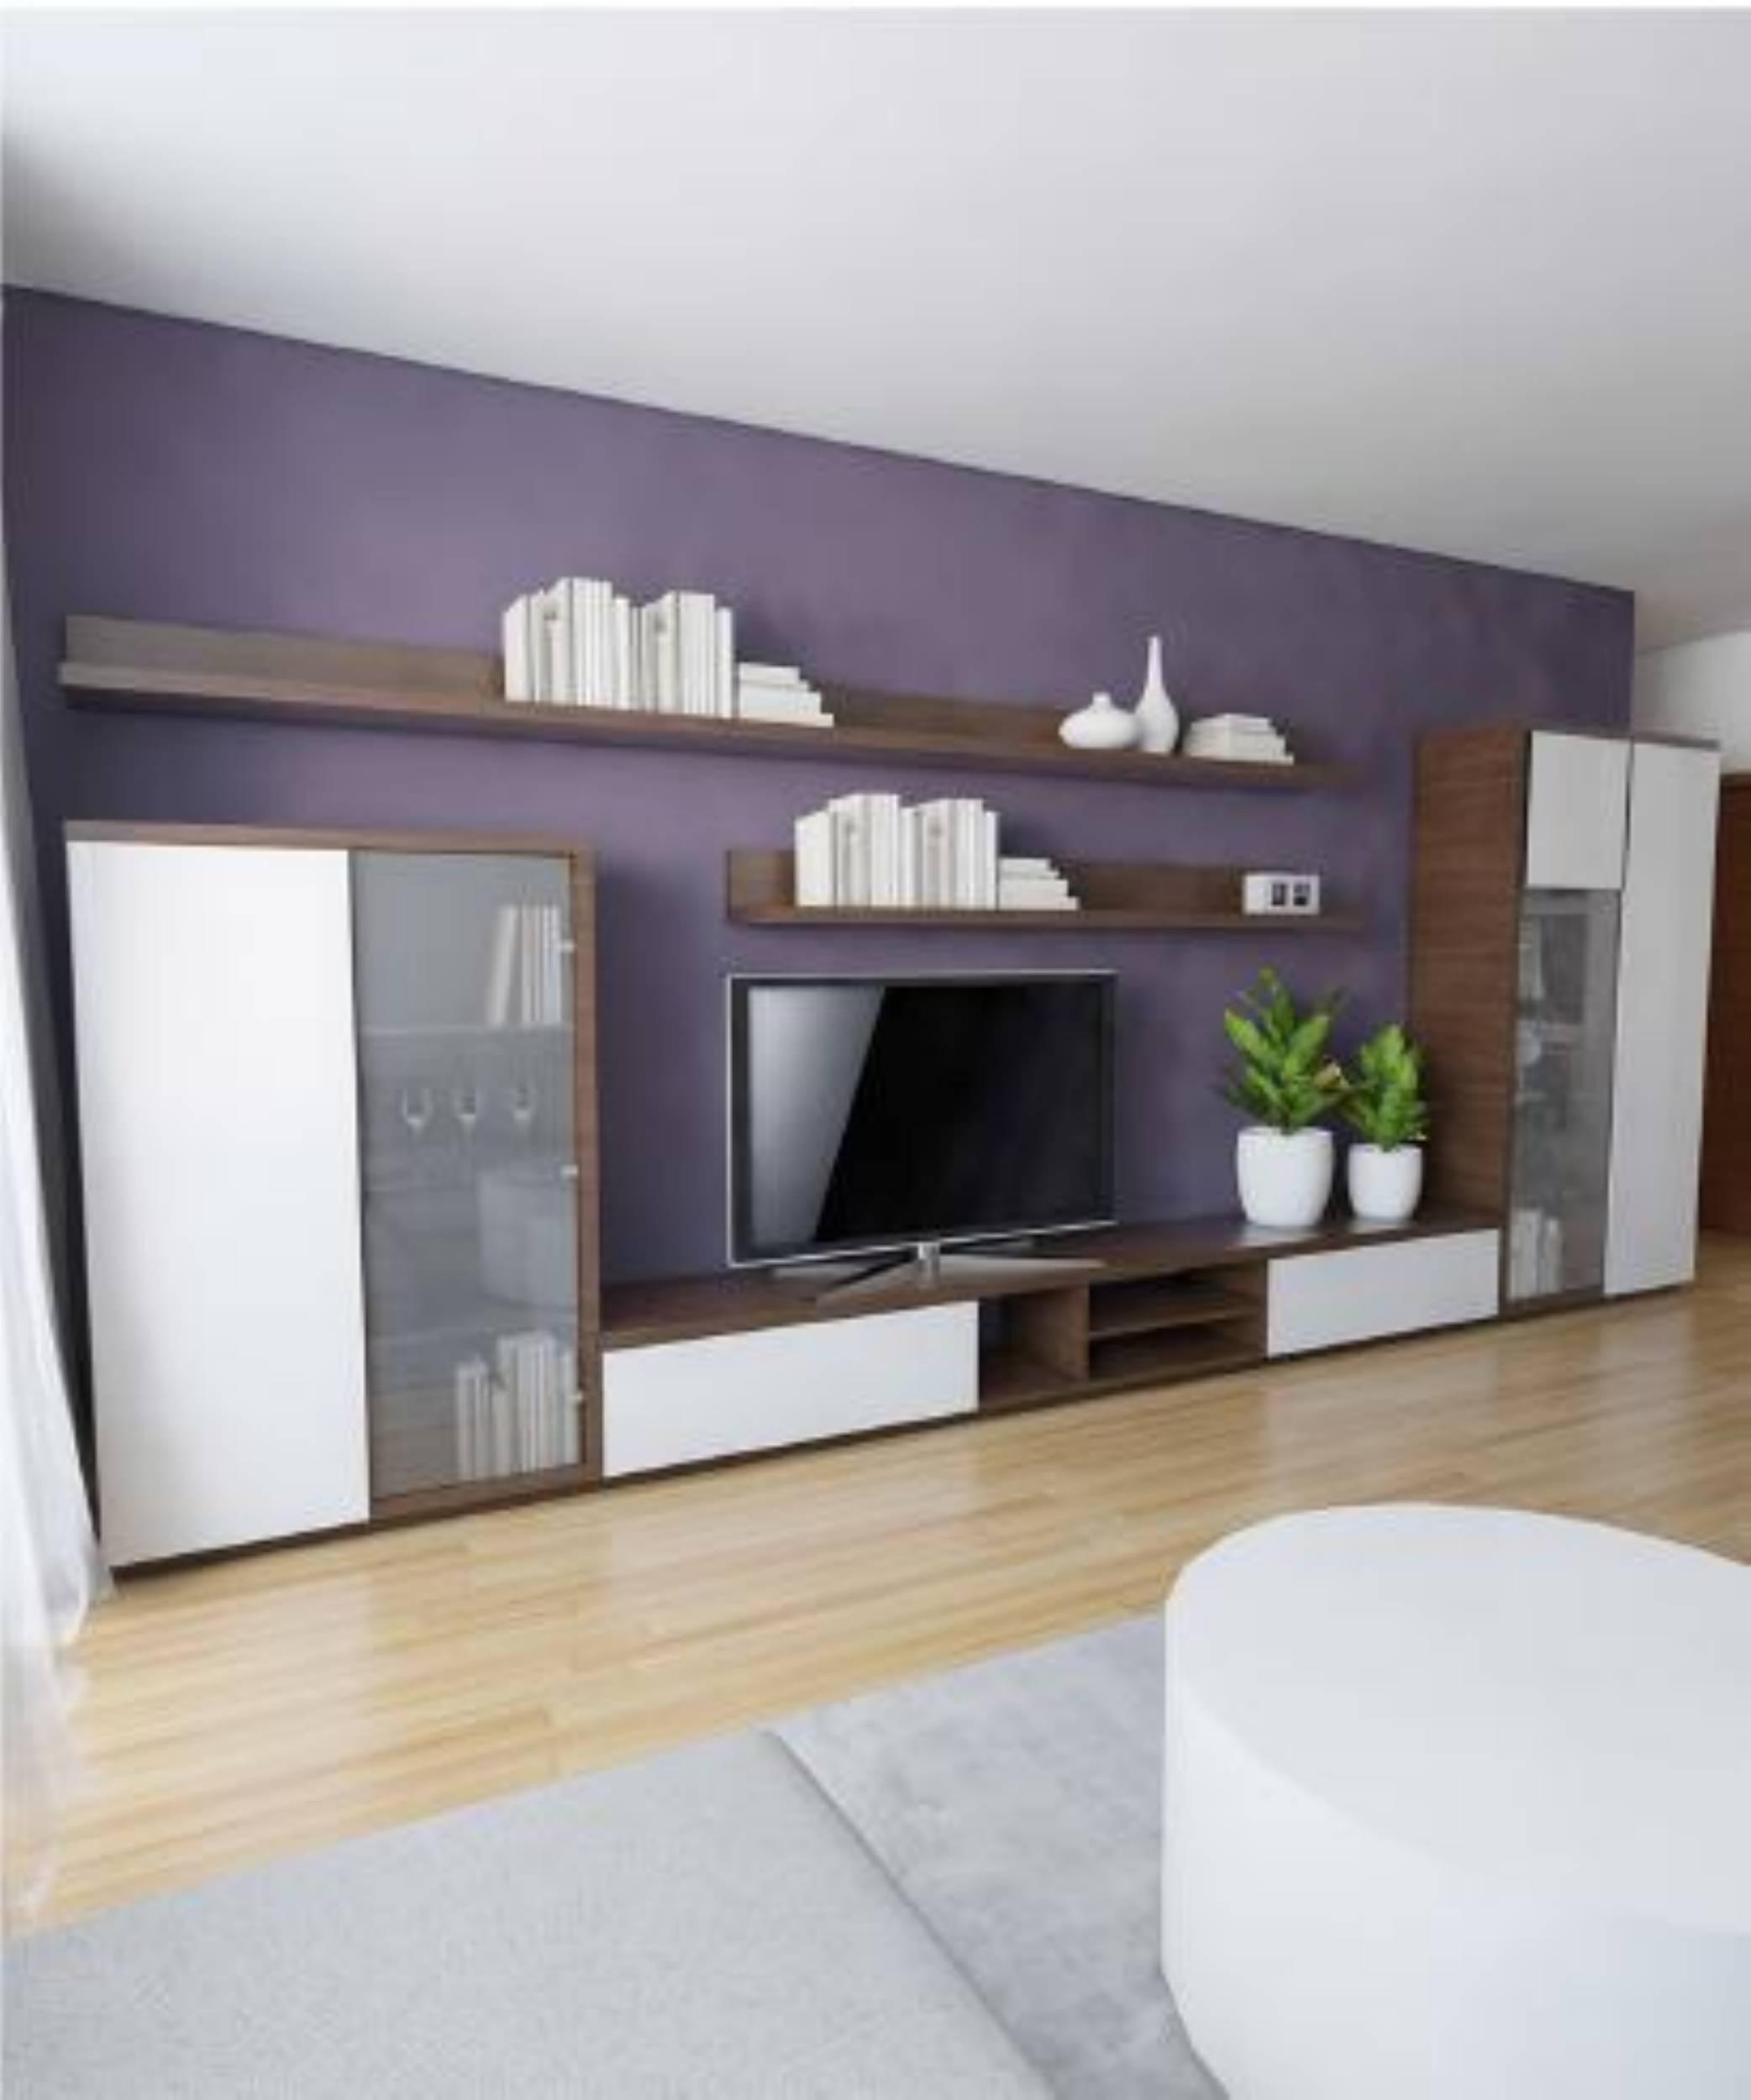 5627d8e126ce Obyvacka biela leskla + tmave drevo - New Design - Výroba nábytku na mieru